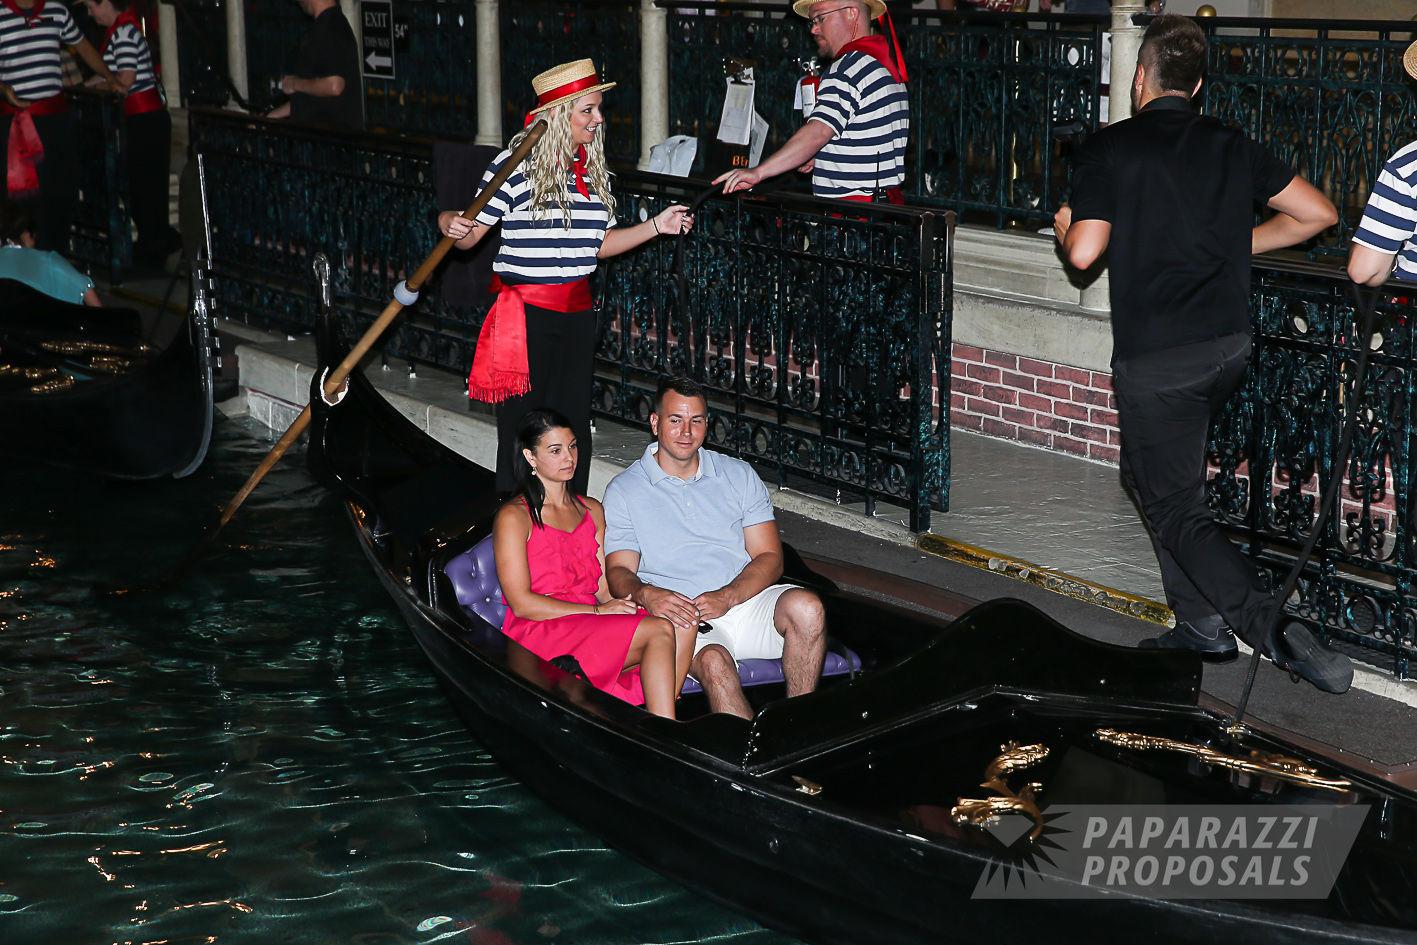 Chase and Leah's Las Vegas Venetian Hotel surprise gondola